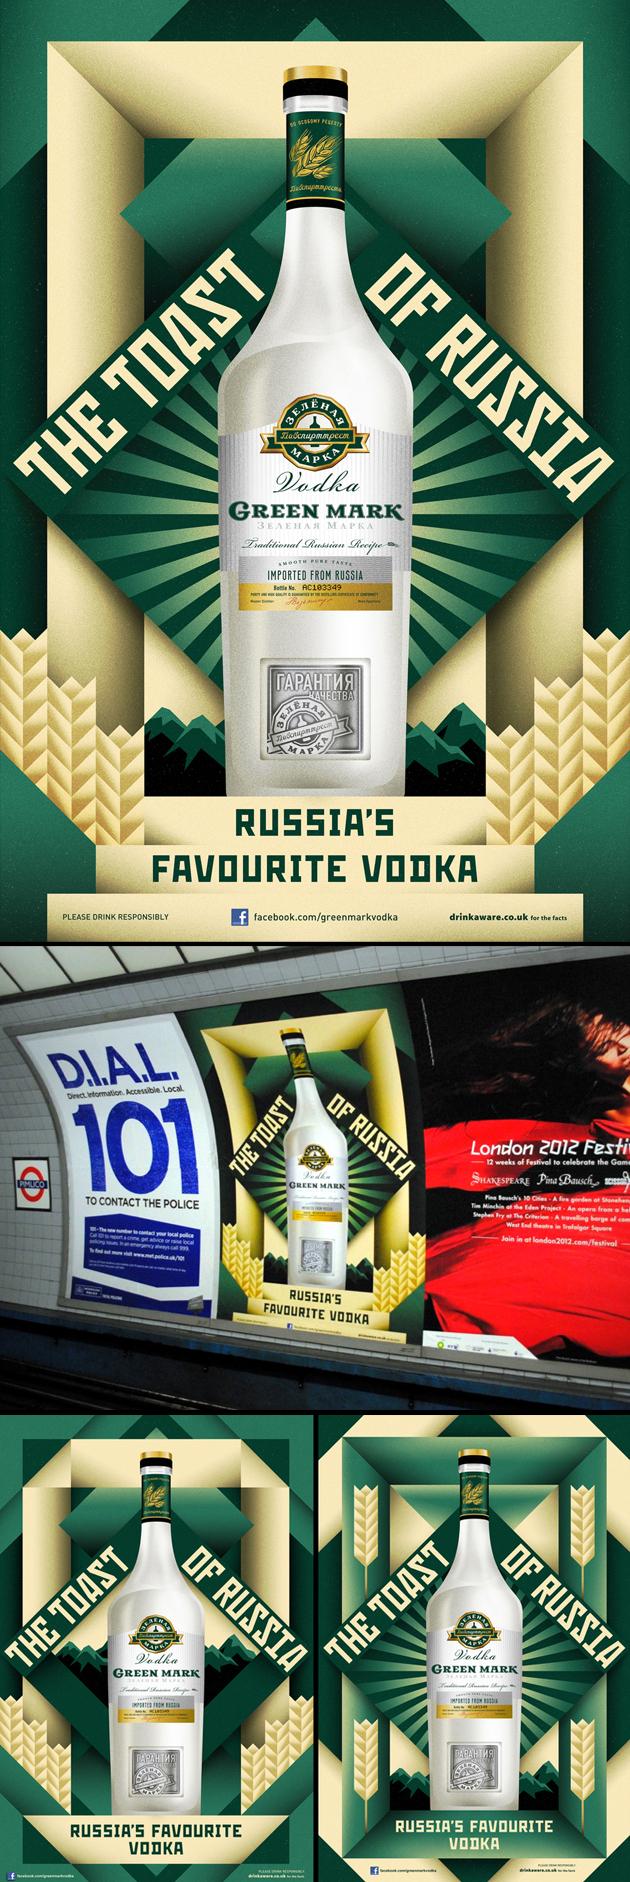 La Boca / Green Mark Vodka The Toast Of Russia Posters